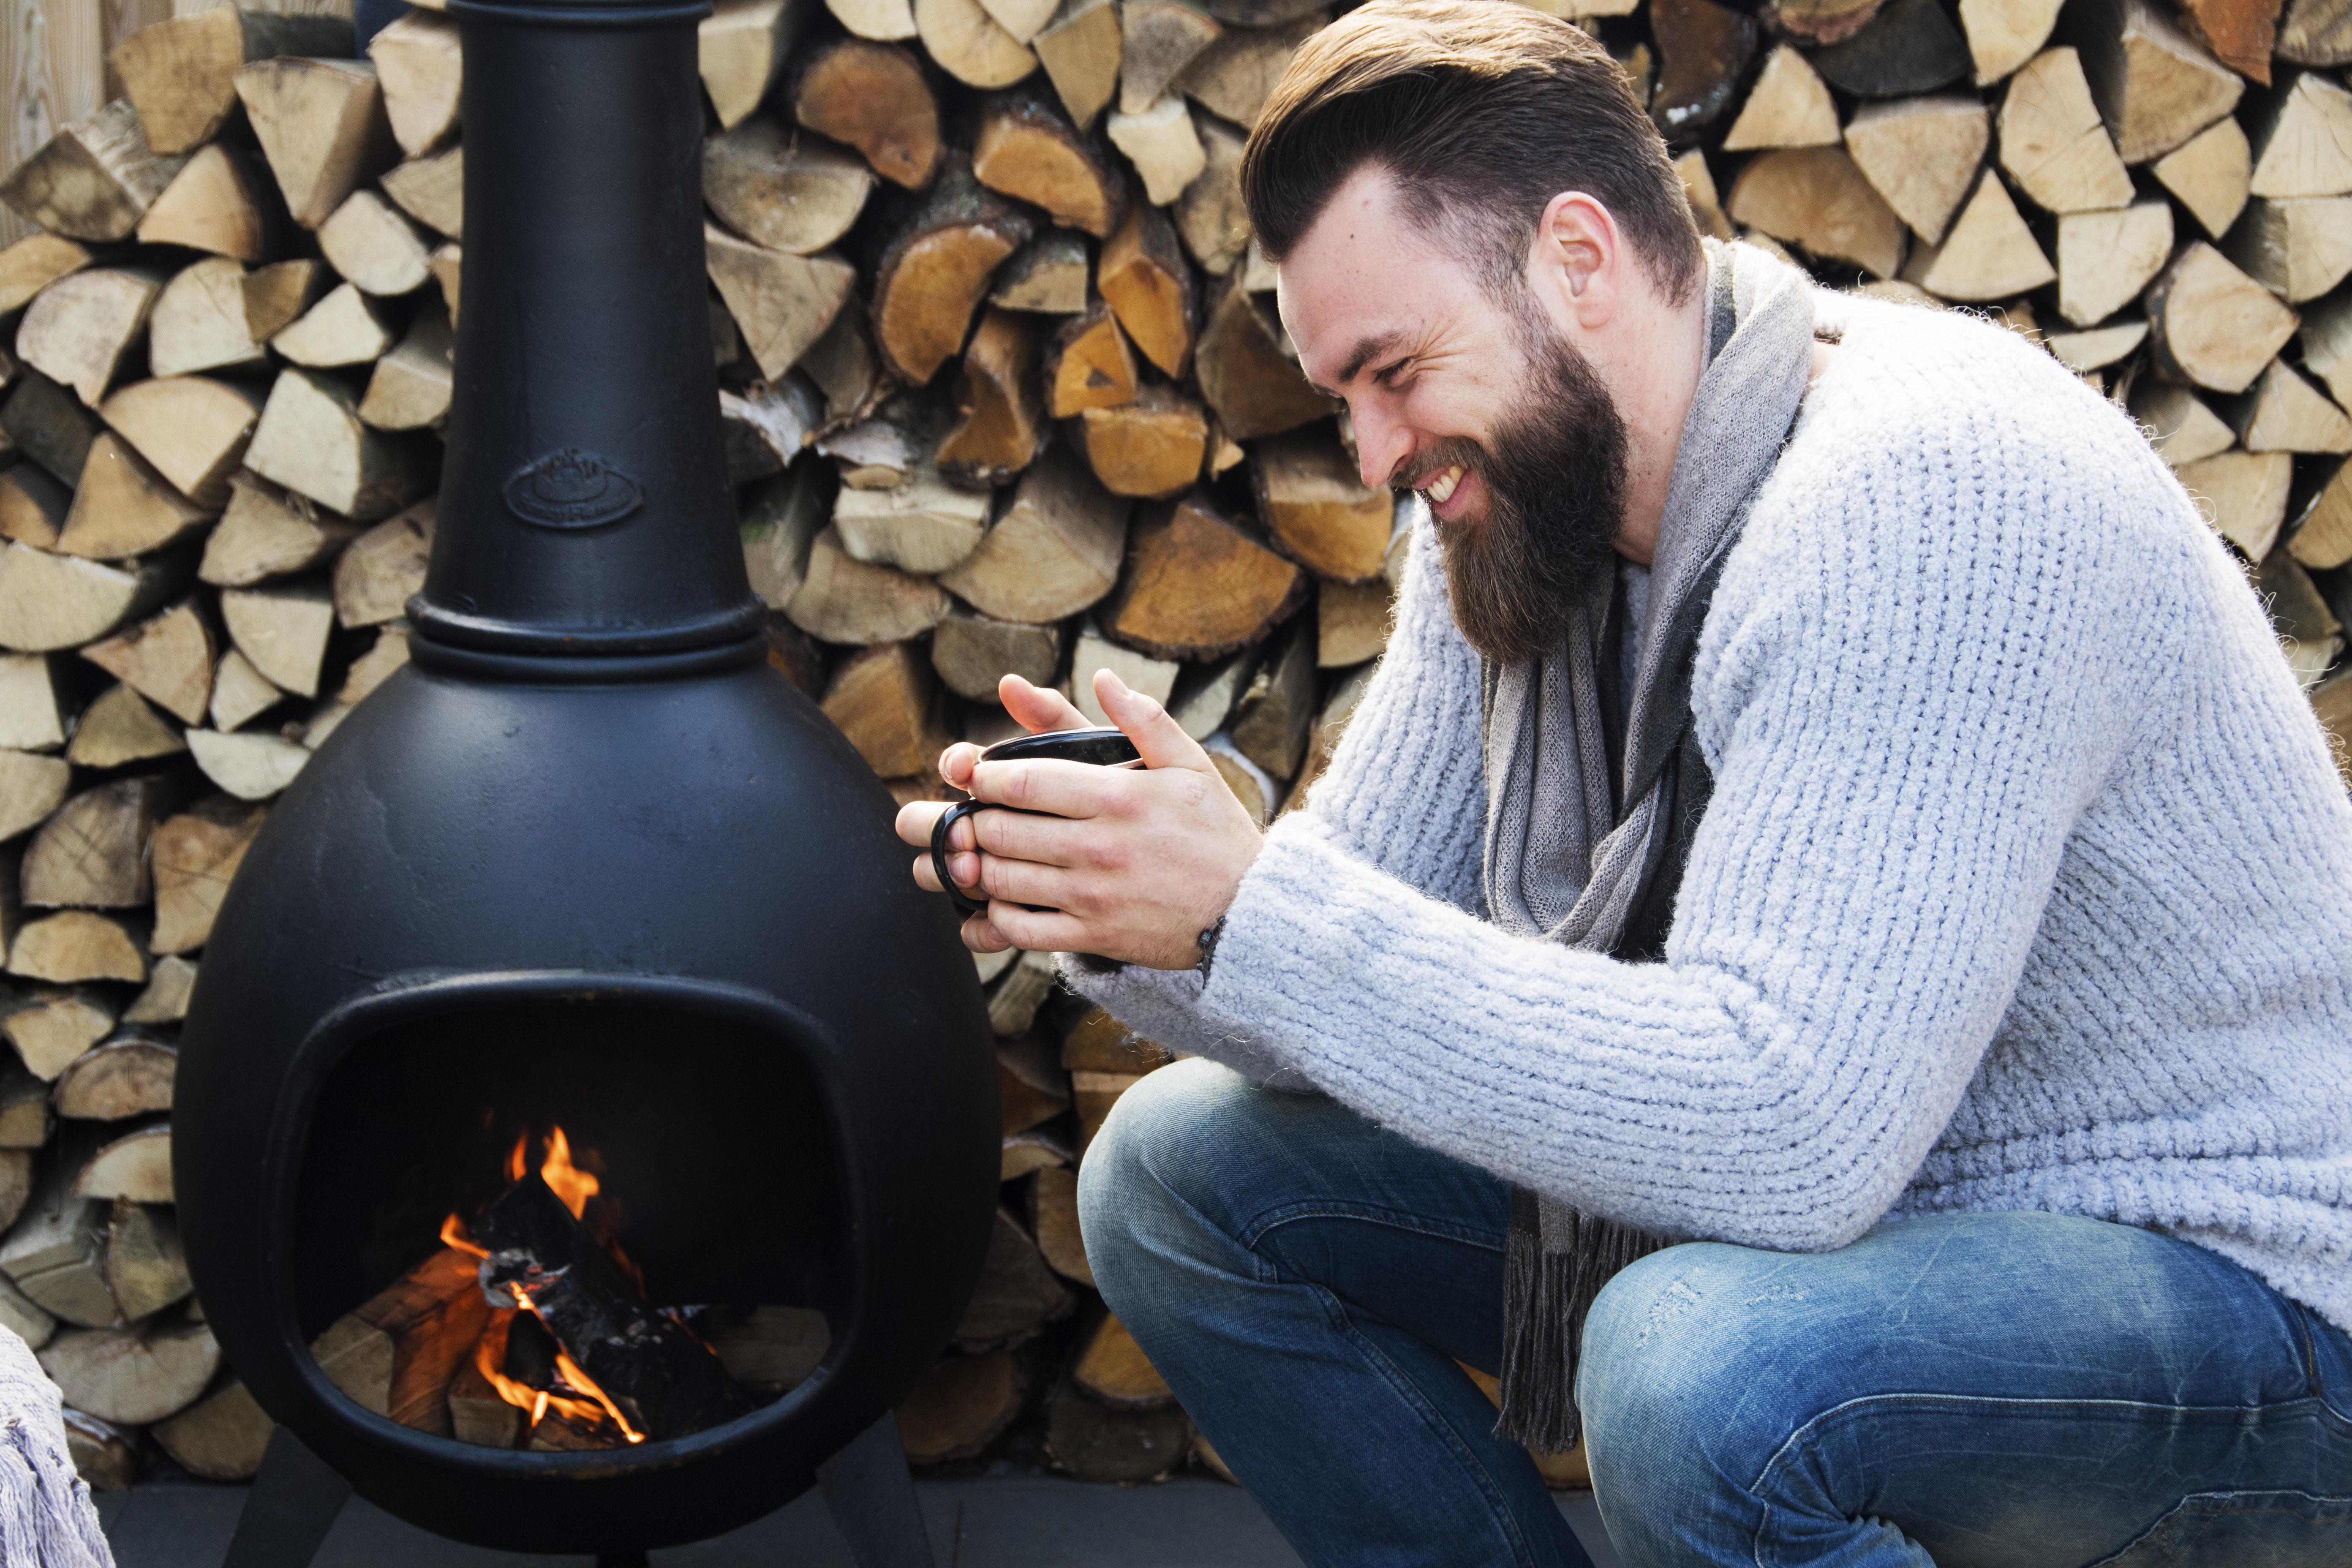 Bakancslista őszre Kert és Otthonbolt módra – 15 tipp, hogy az idei ősz igazán különleges legyen